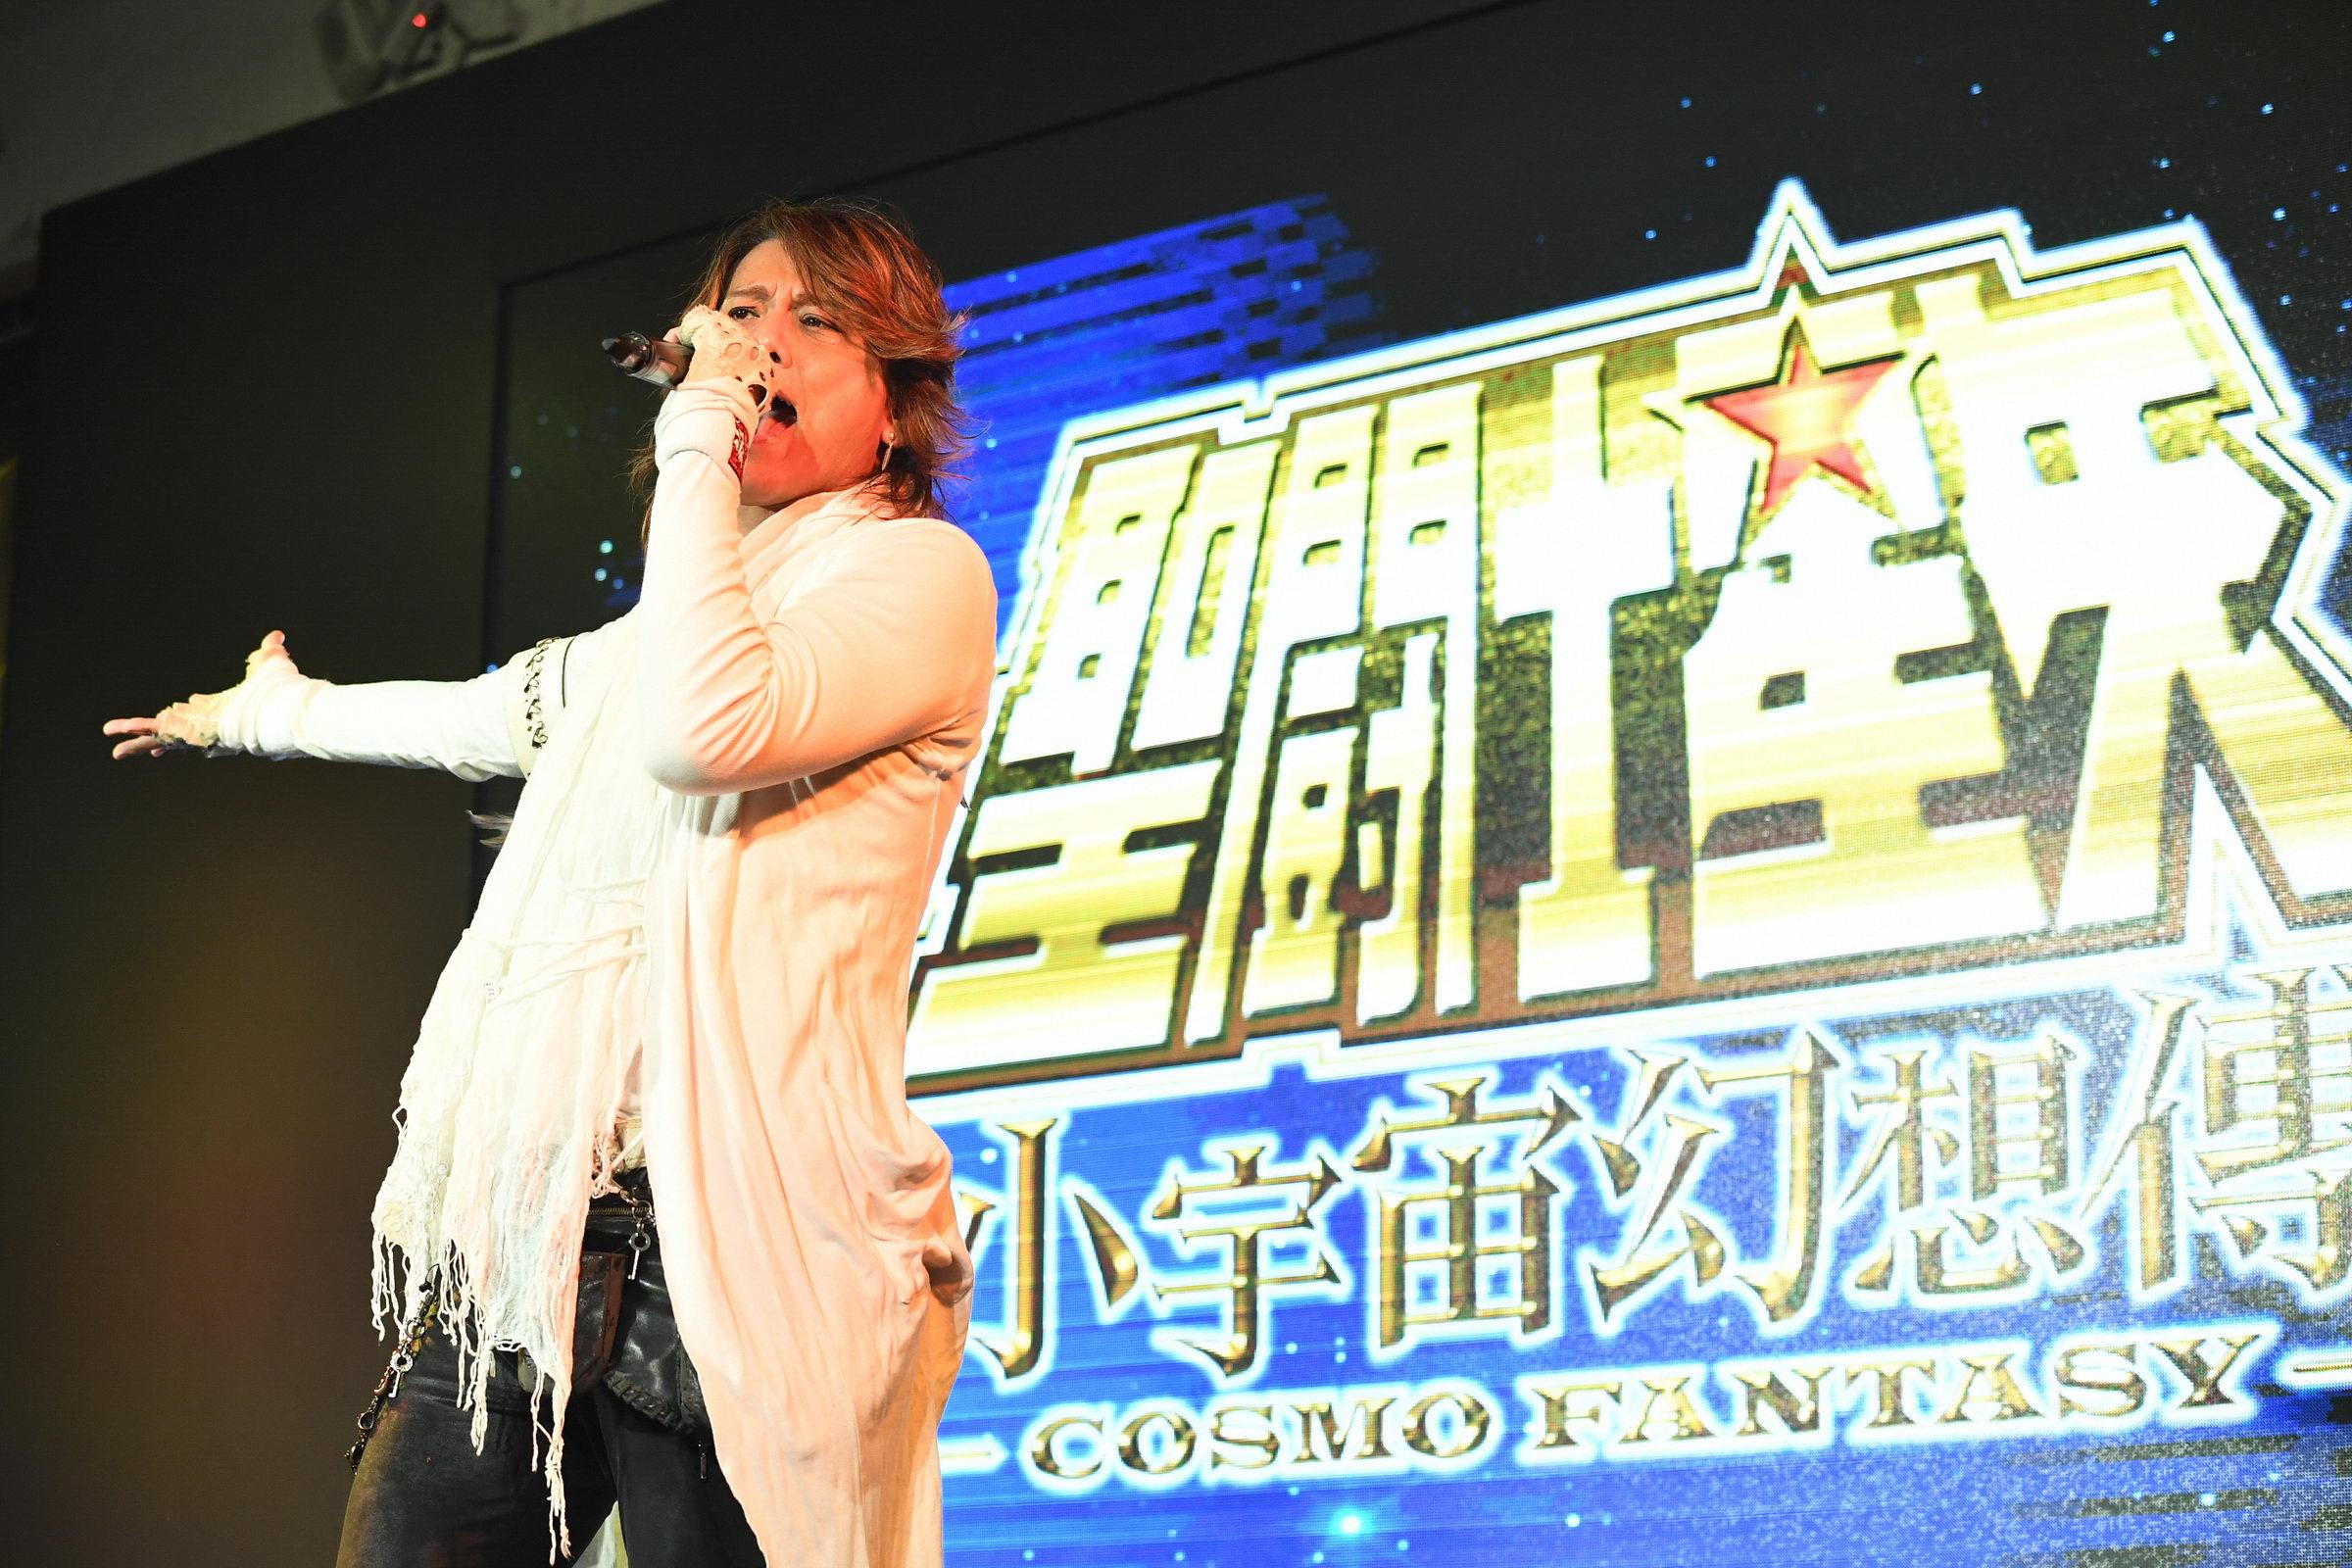 《聖鬥士星矢 小宇宙幻想》1週年紀念感謝祭 NoB&陳思妏現場夢幻合唱「天馬座的幻想」